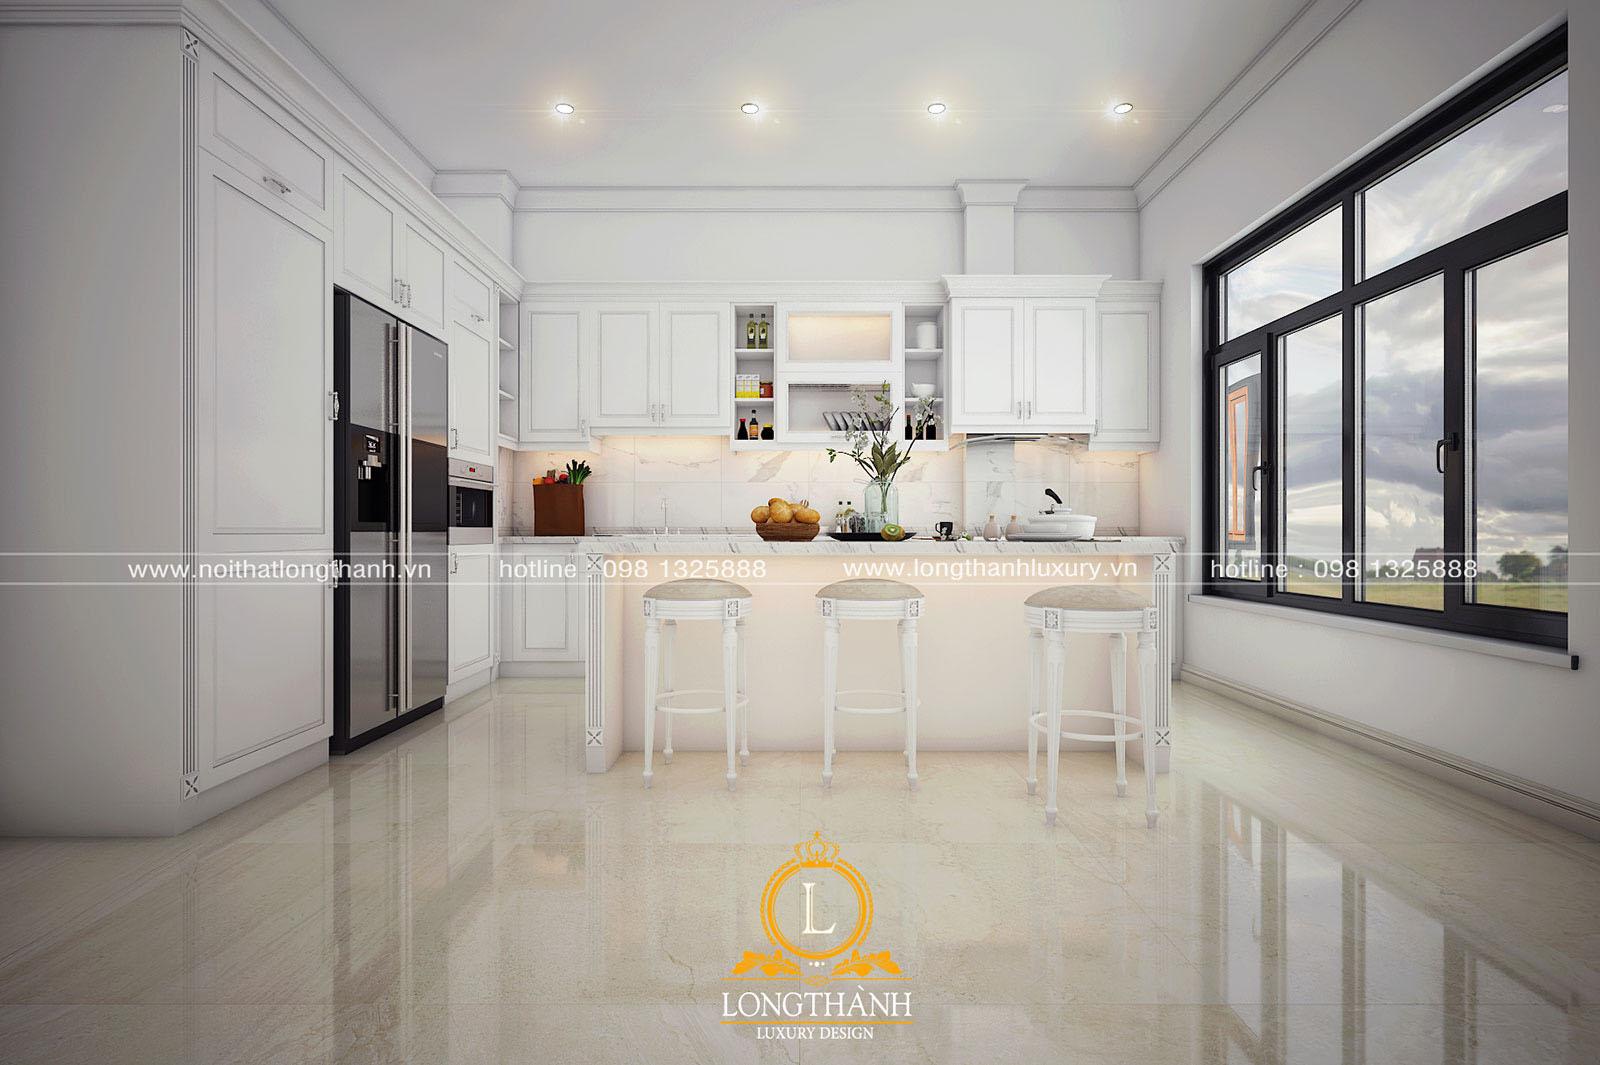 Tủ bếp gỗ tự nhiên sơn trắng đẹp LT 60 góc nhìn thứ 1